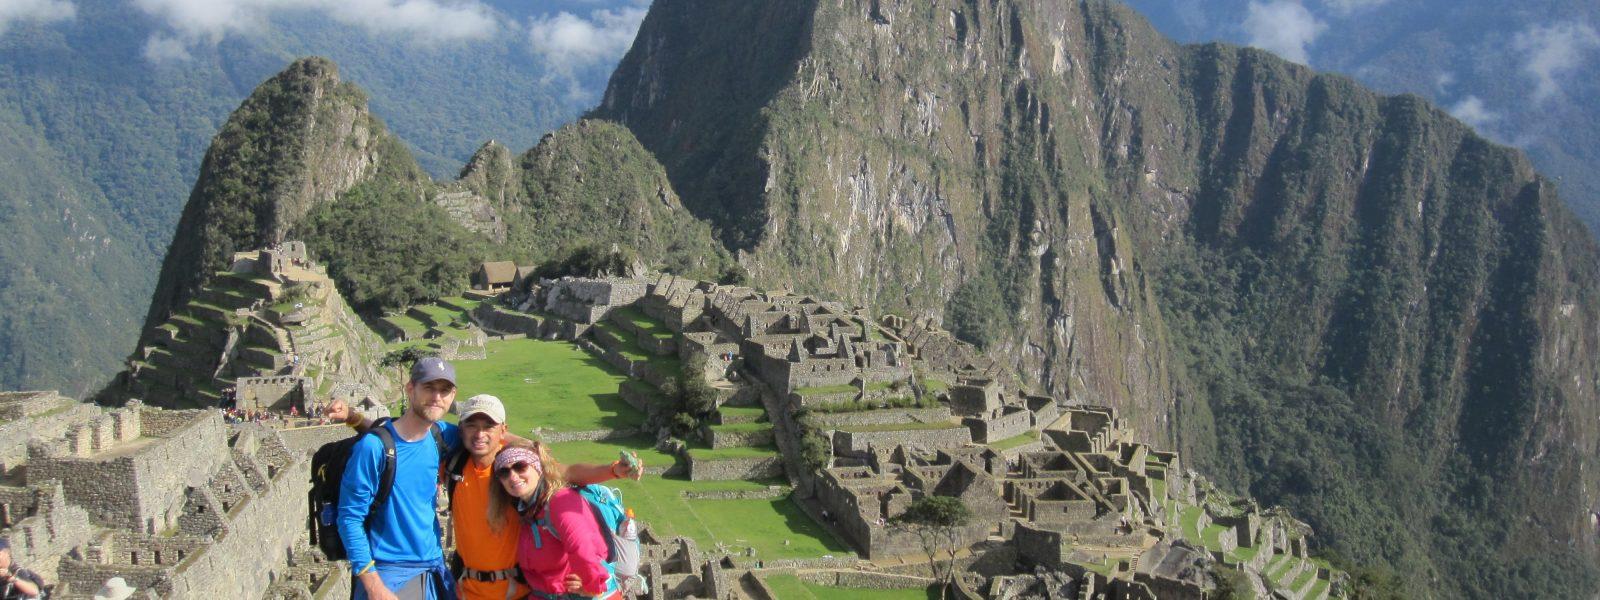 Peru: A Surprise At The Top of Macchu Picchu